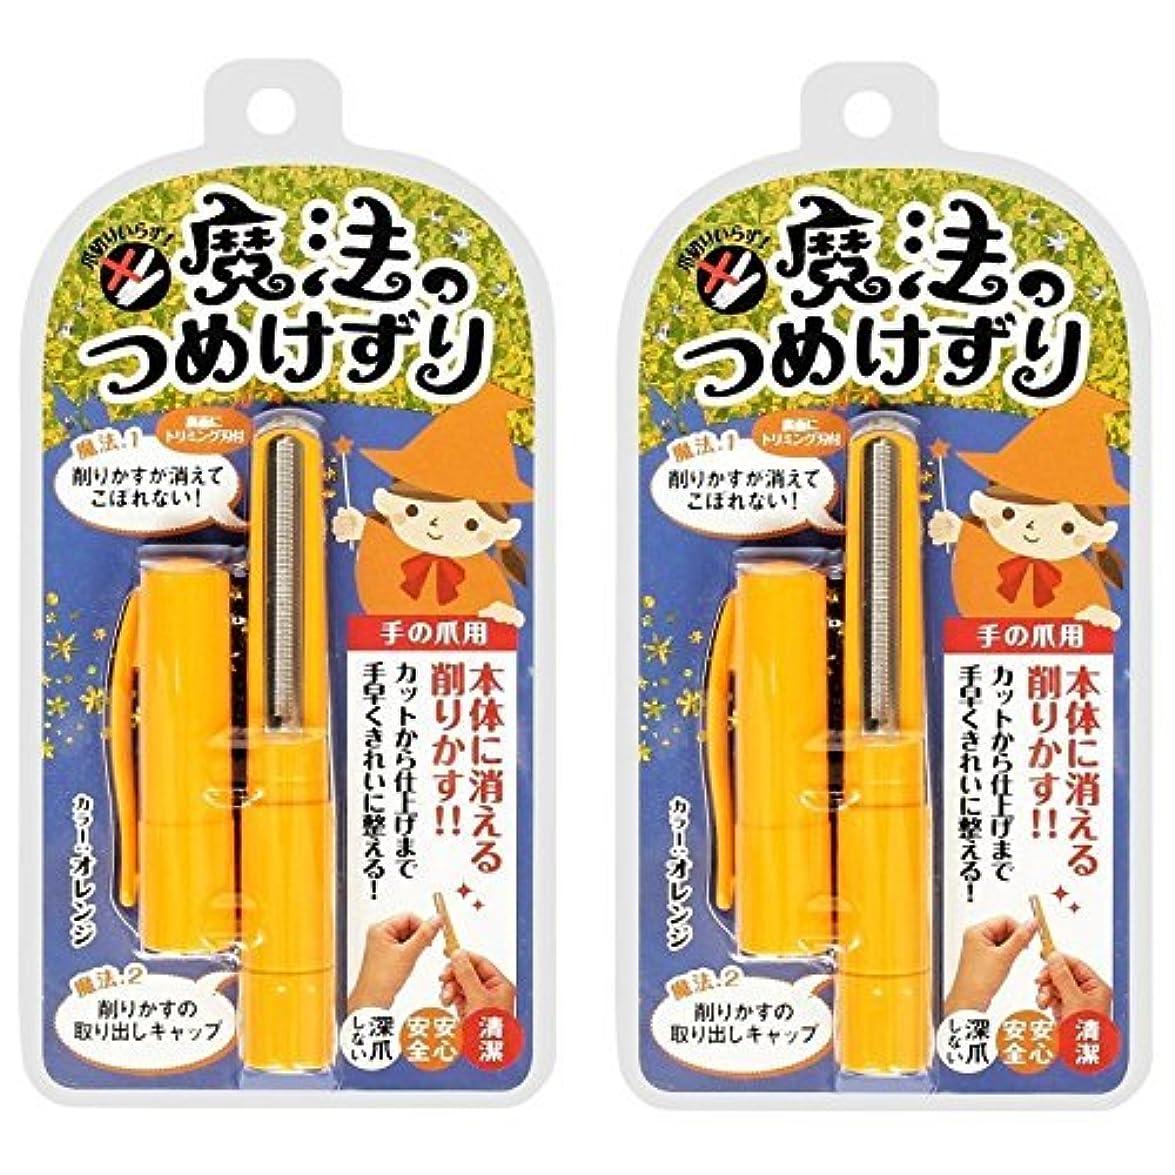 大気治安判事カテゴリー【セット品】松本金型 魔法のつめけずり MM-090 オレンジ ×2個